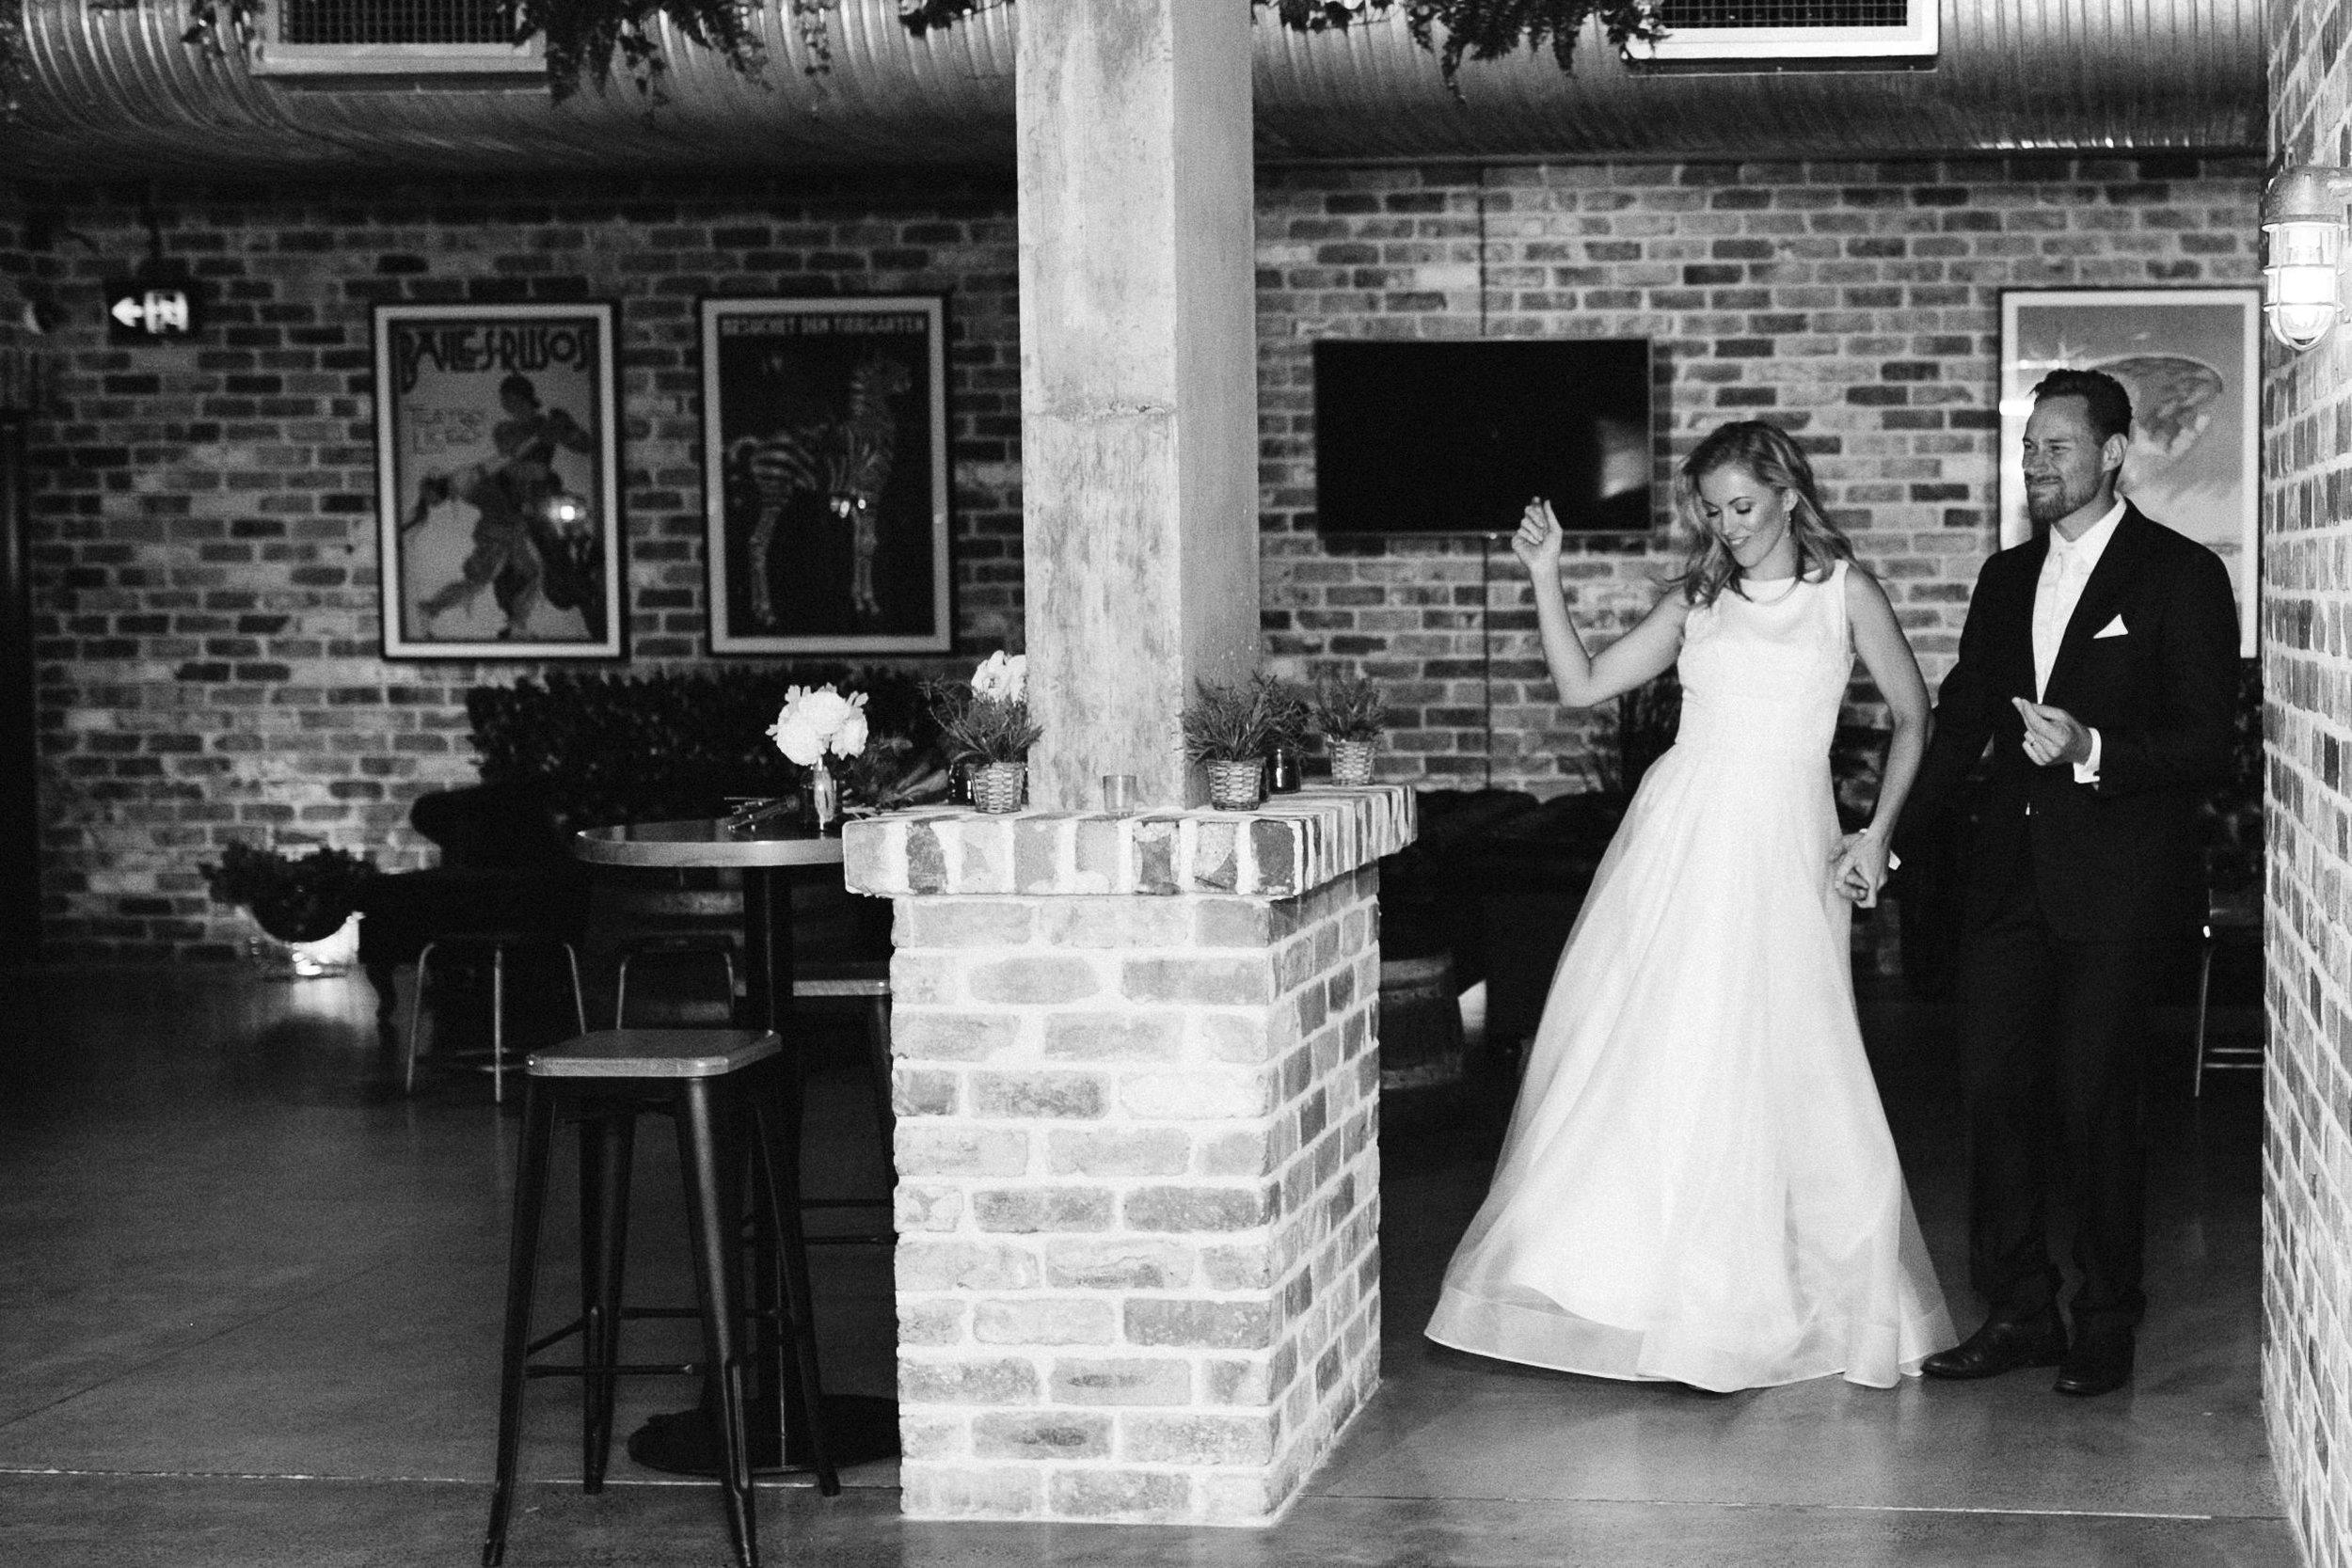 wedding-photography-brisbane-sandstone-point-hotel-bribie-island-reception-7.jpg